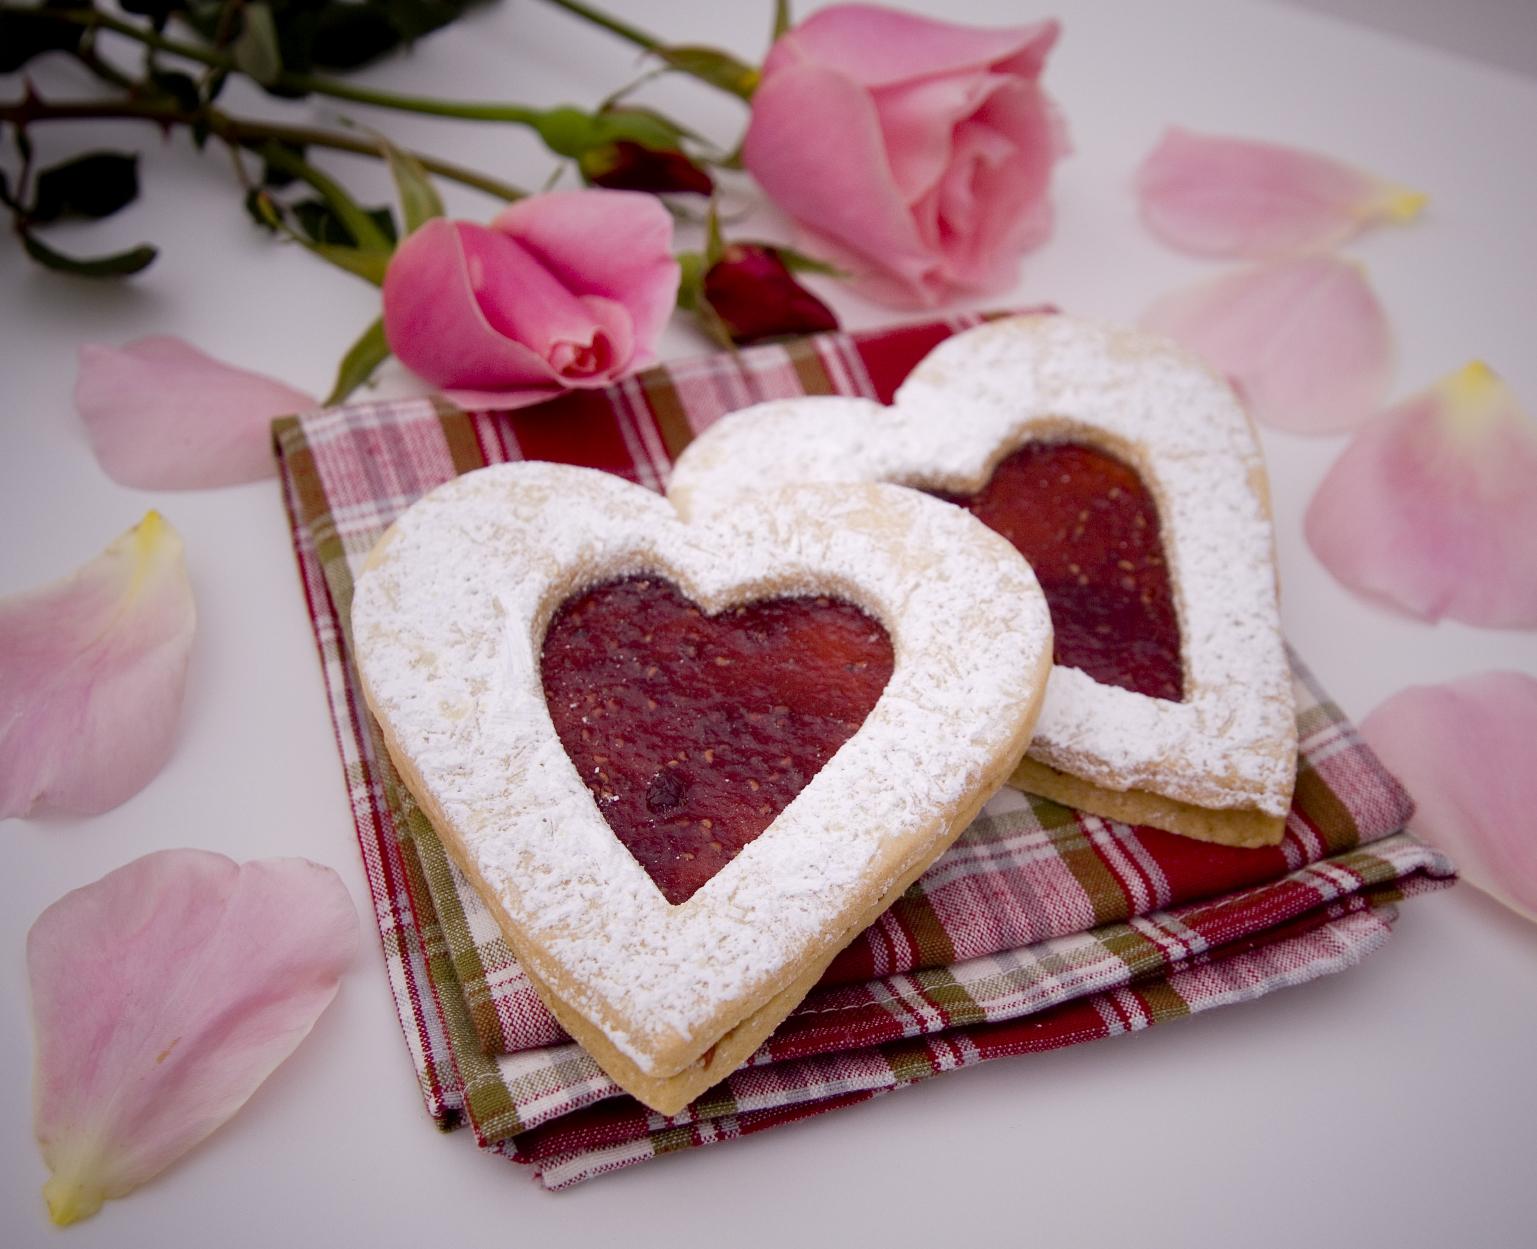 Galletas caseras corazón